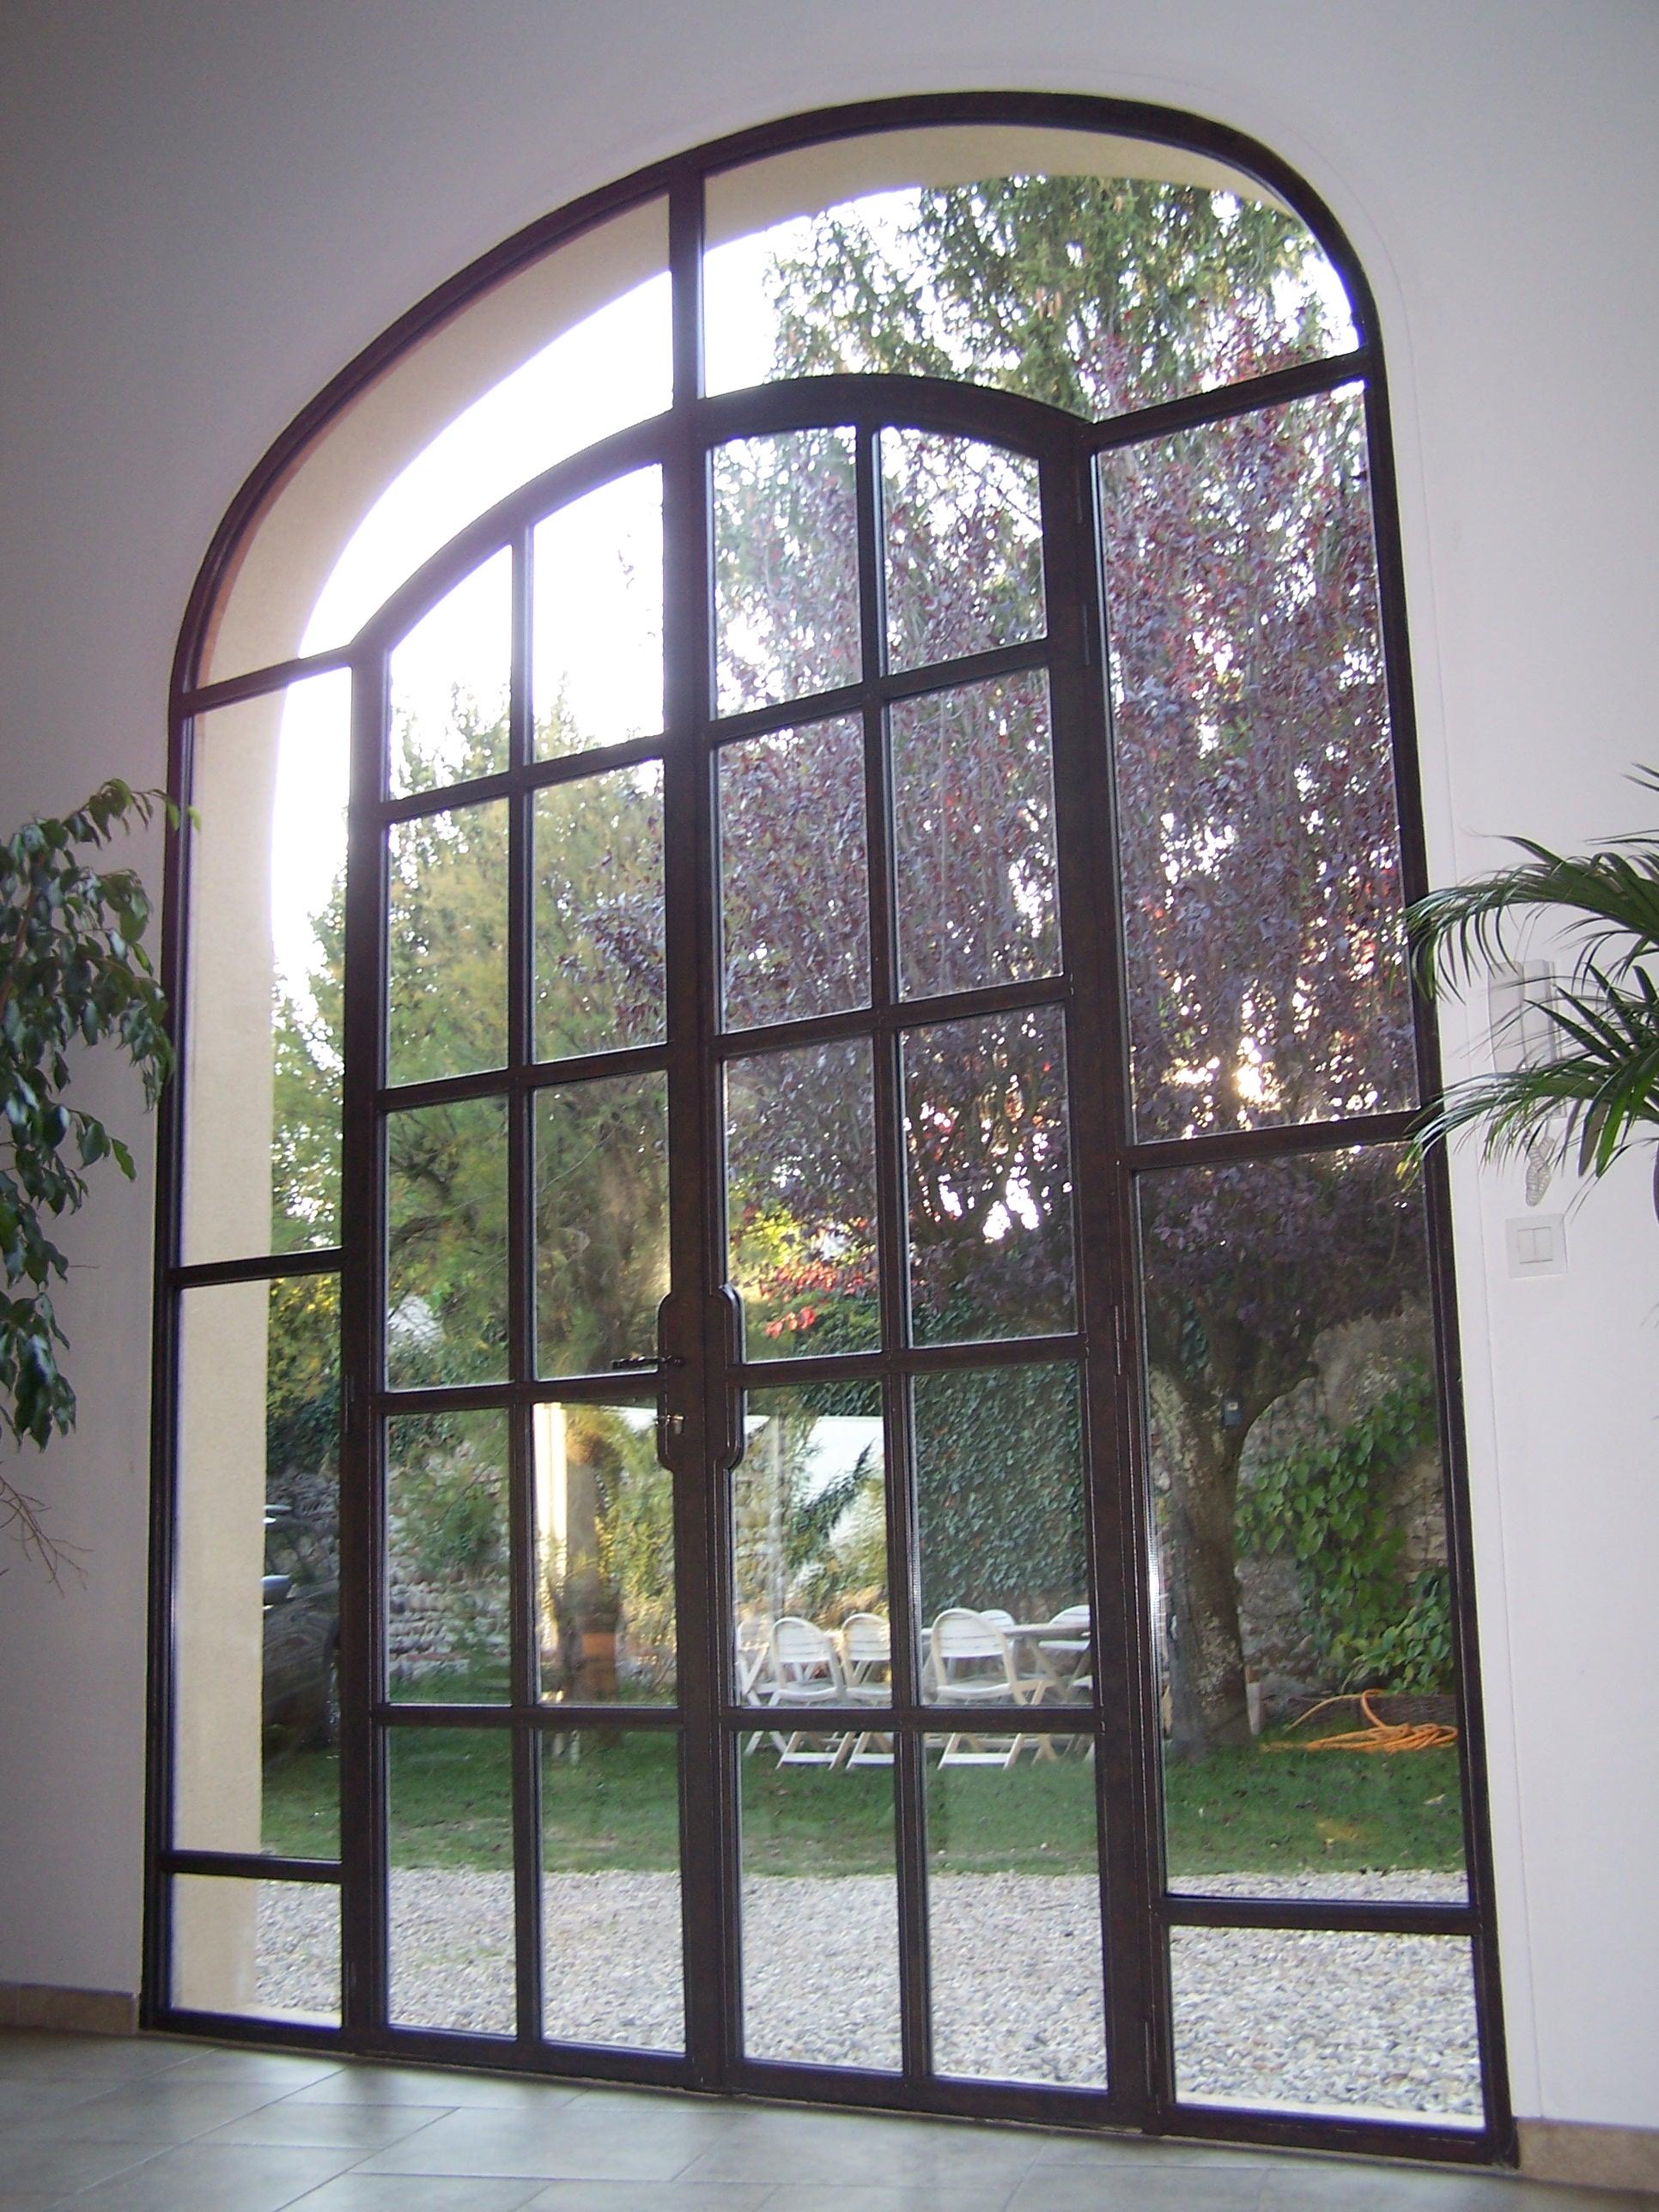 Porte vitrée à l'ancienne